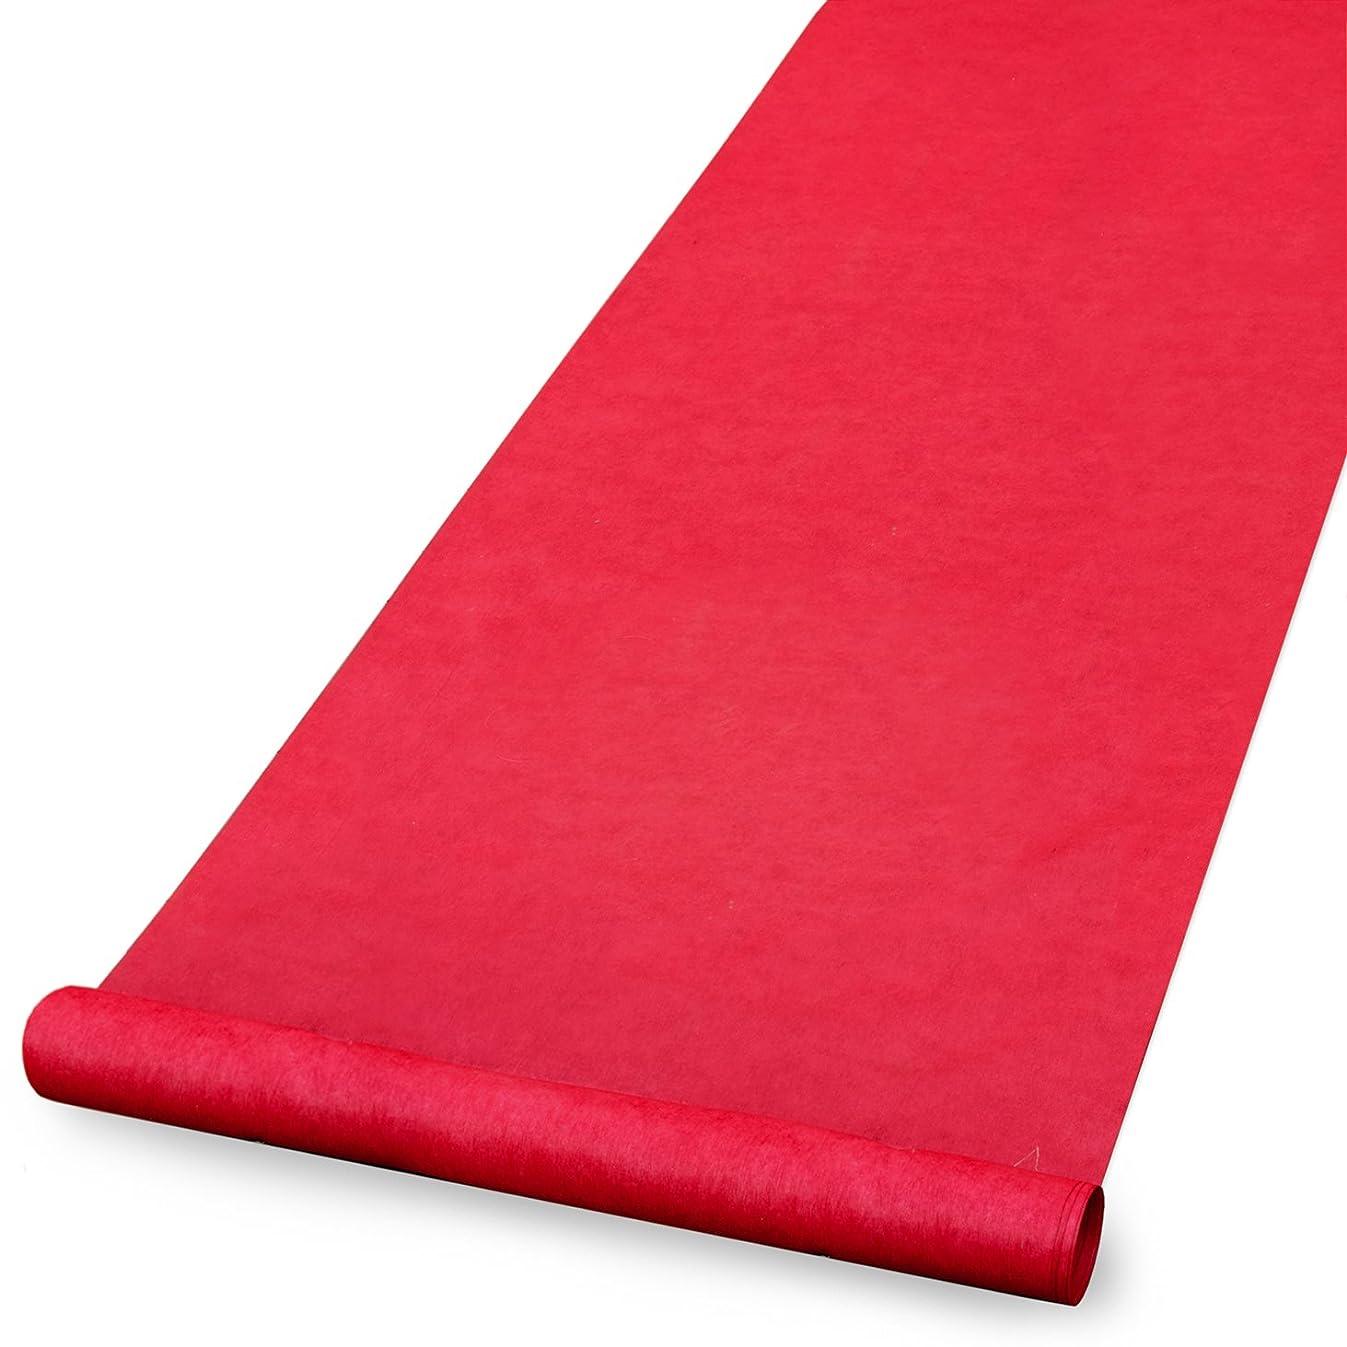 Hortense B. Hewitt 30056 Wedding Accessories Fabric Aisle Runner, 100-Feet Long, Red